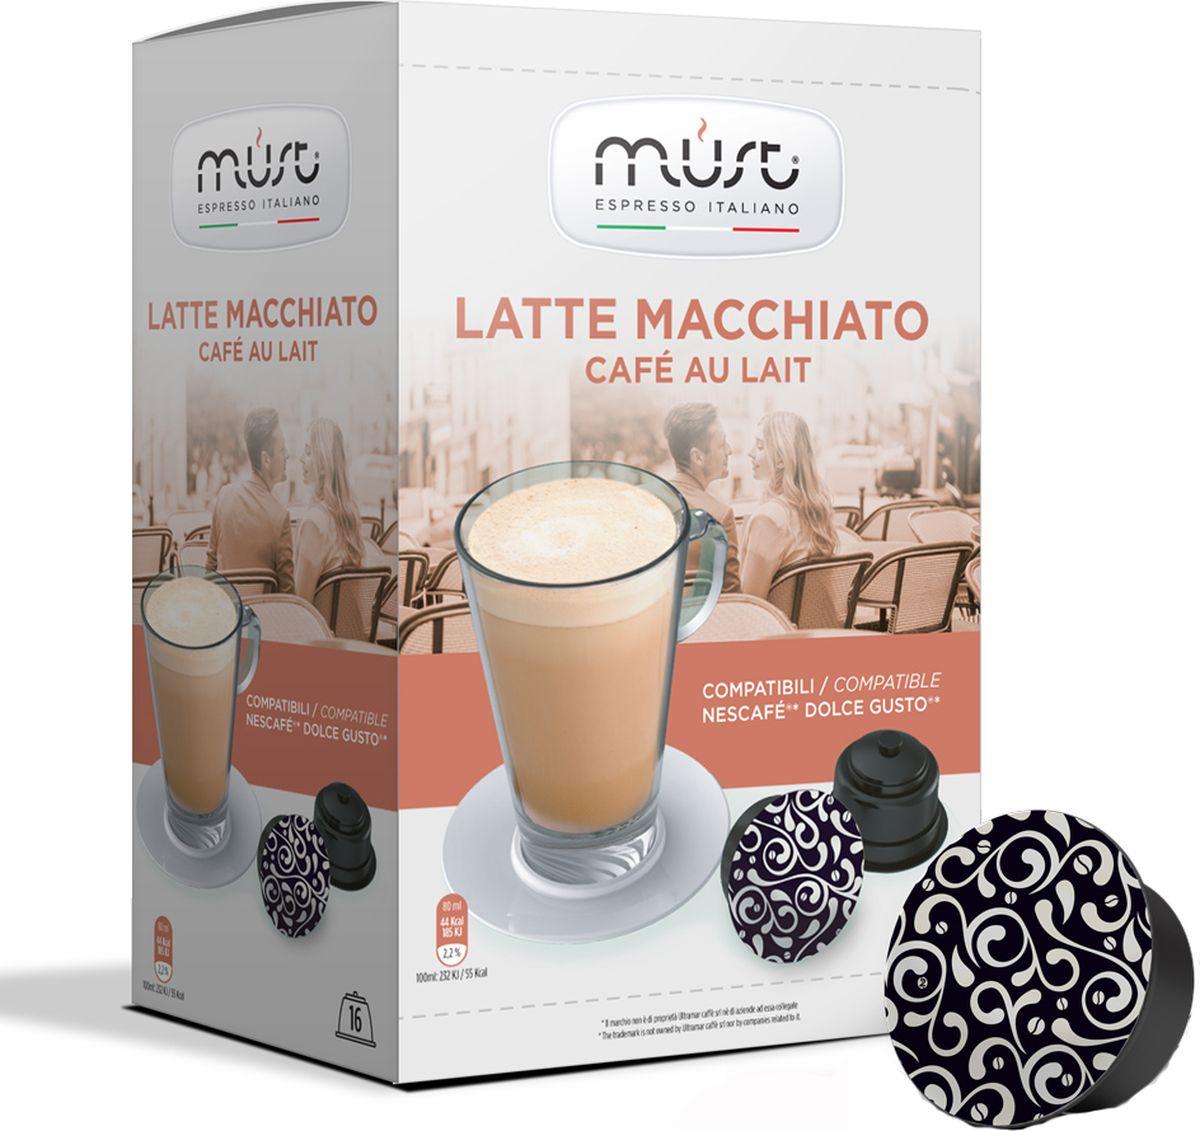 MUST DG Latte Macchiato кофе в капсулах, 16 шт8056370761487Кисло-сладкий, сливочный вкус и благородный аромат с нотками темного шоколада и миндаля. Этот кофе латте сочетает в себе сладкое и нежное послевкусие, сбалансированную консистенцию и крепость.